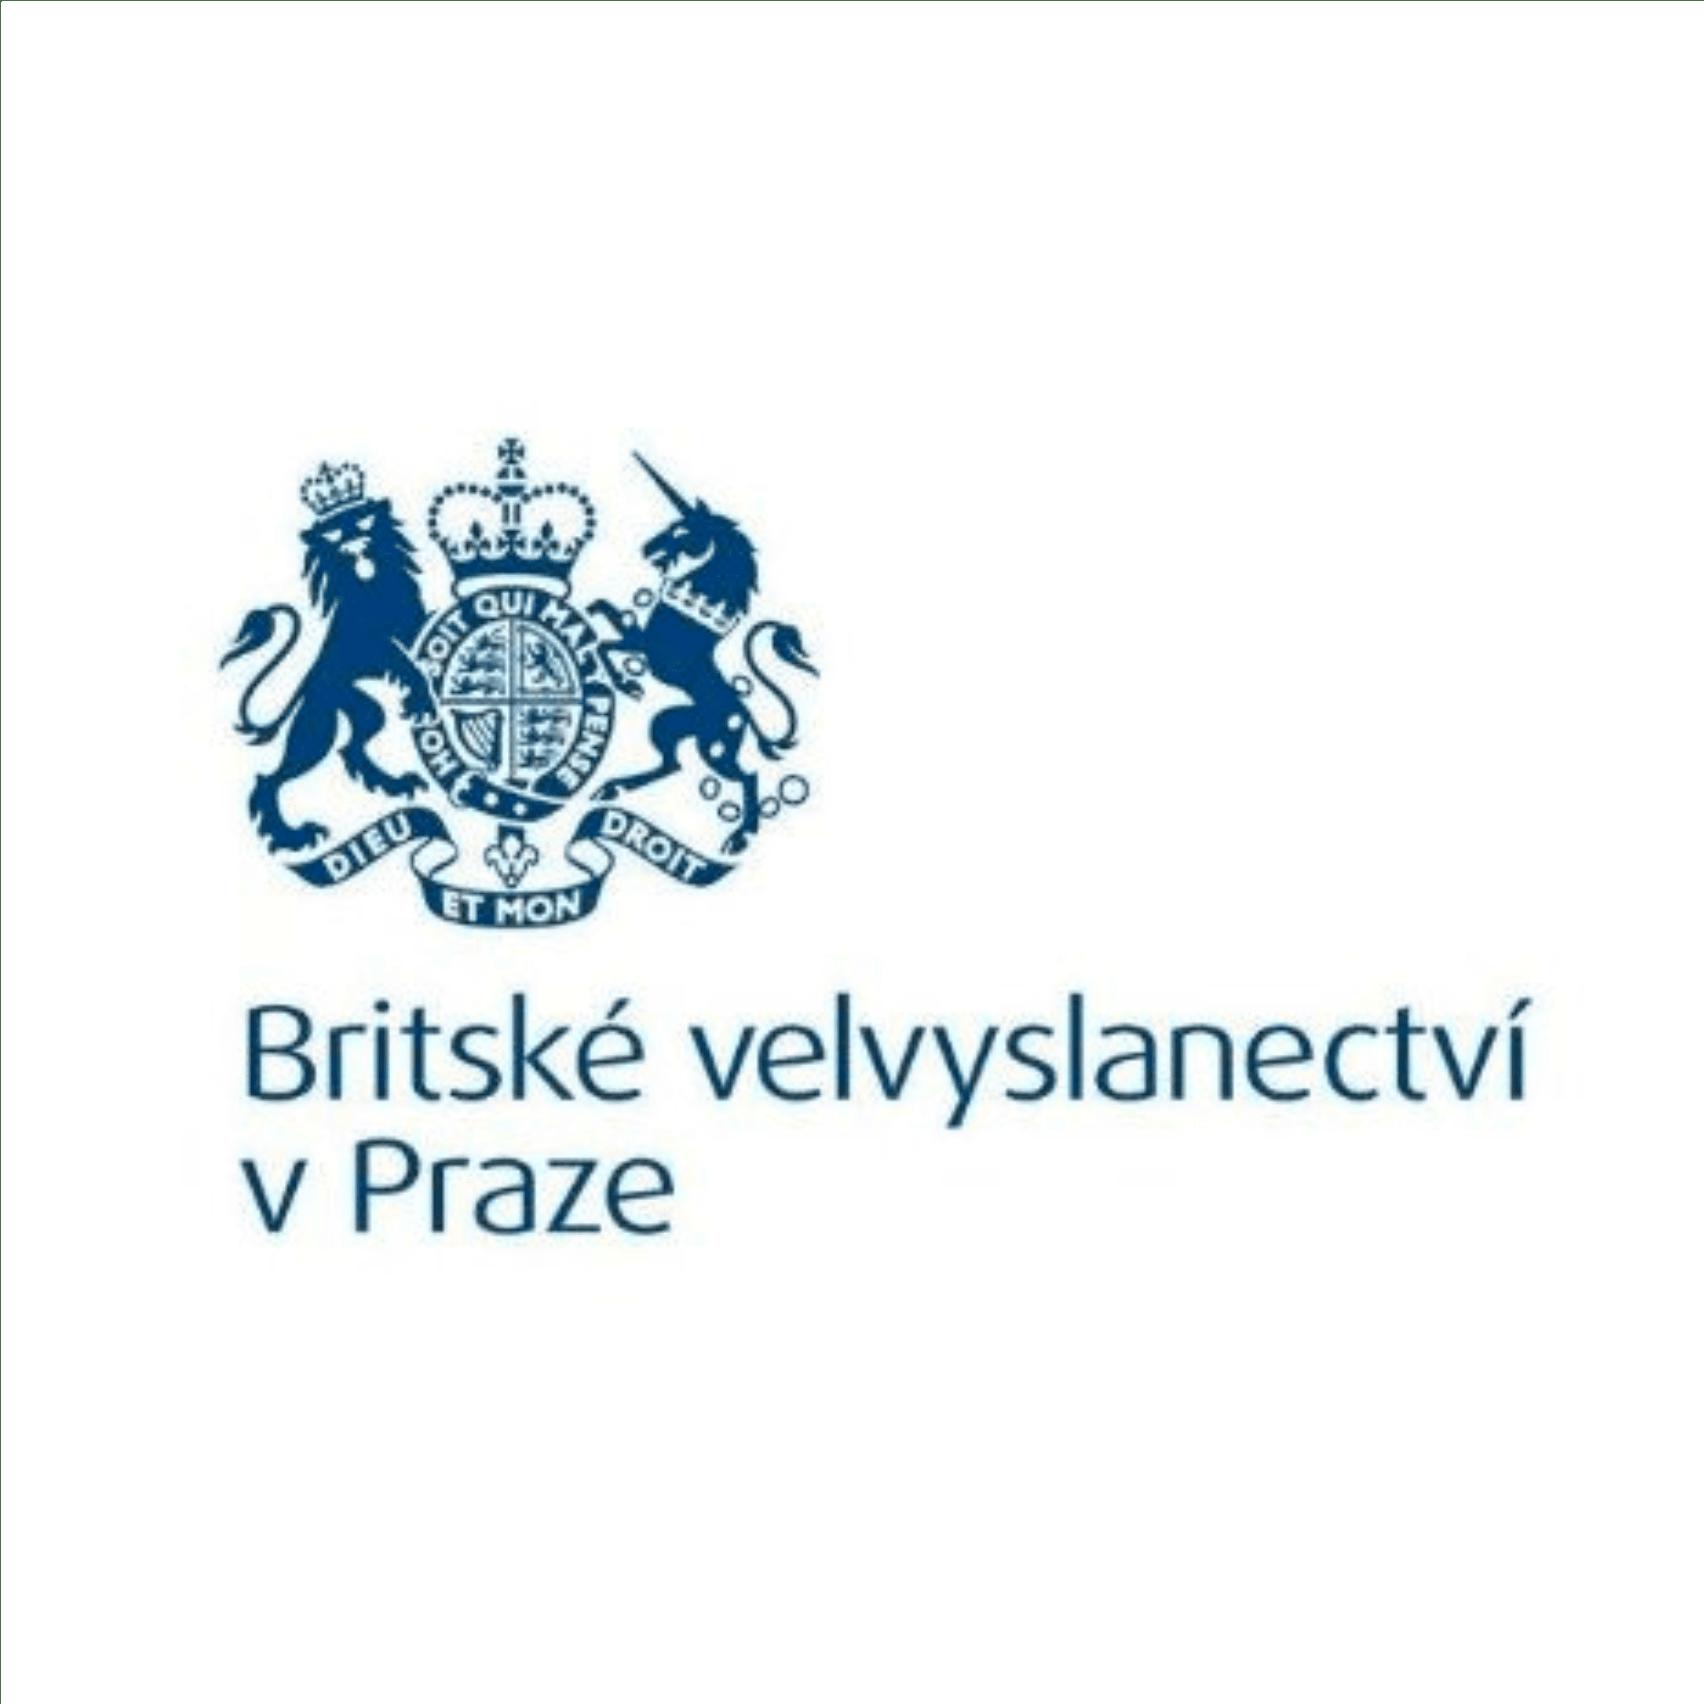 Logo Britského velvyslanectví